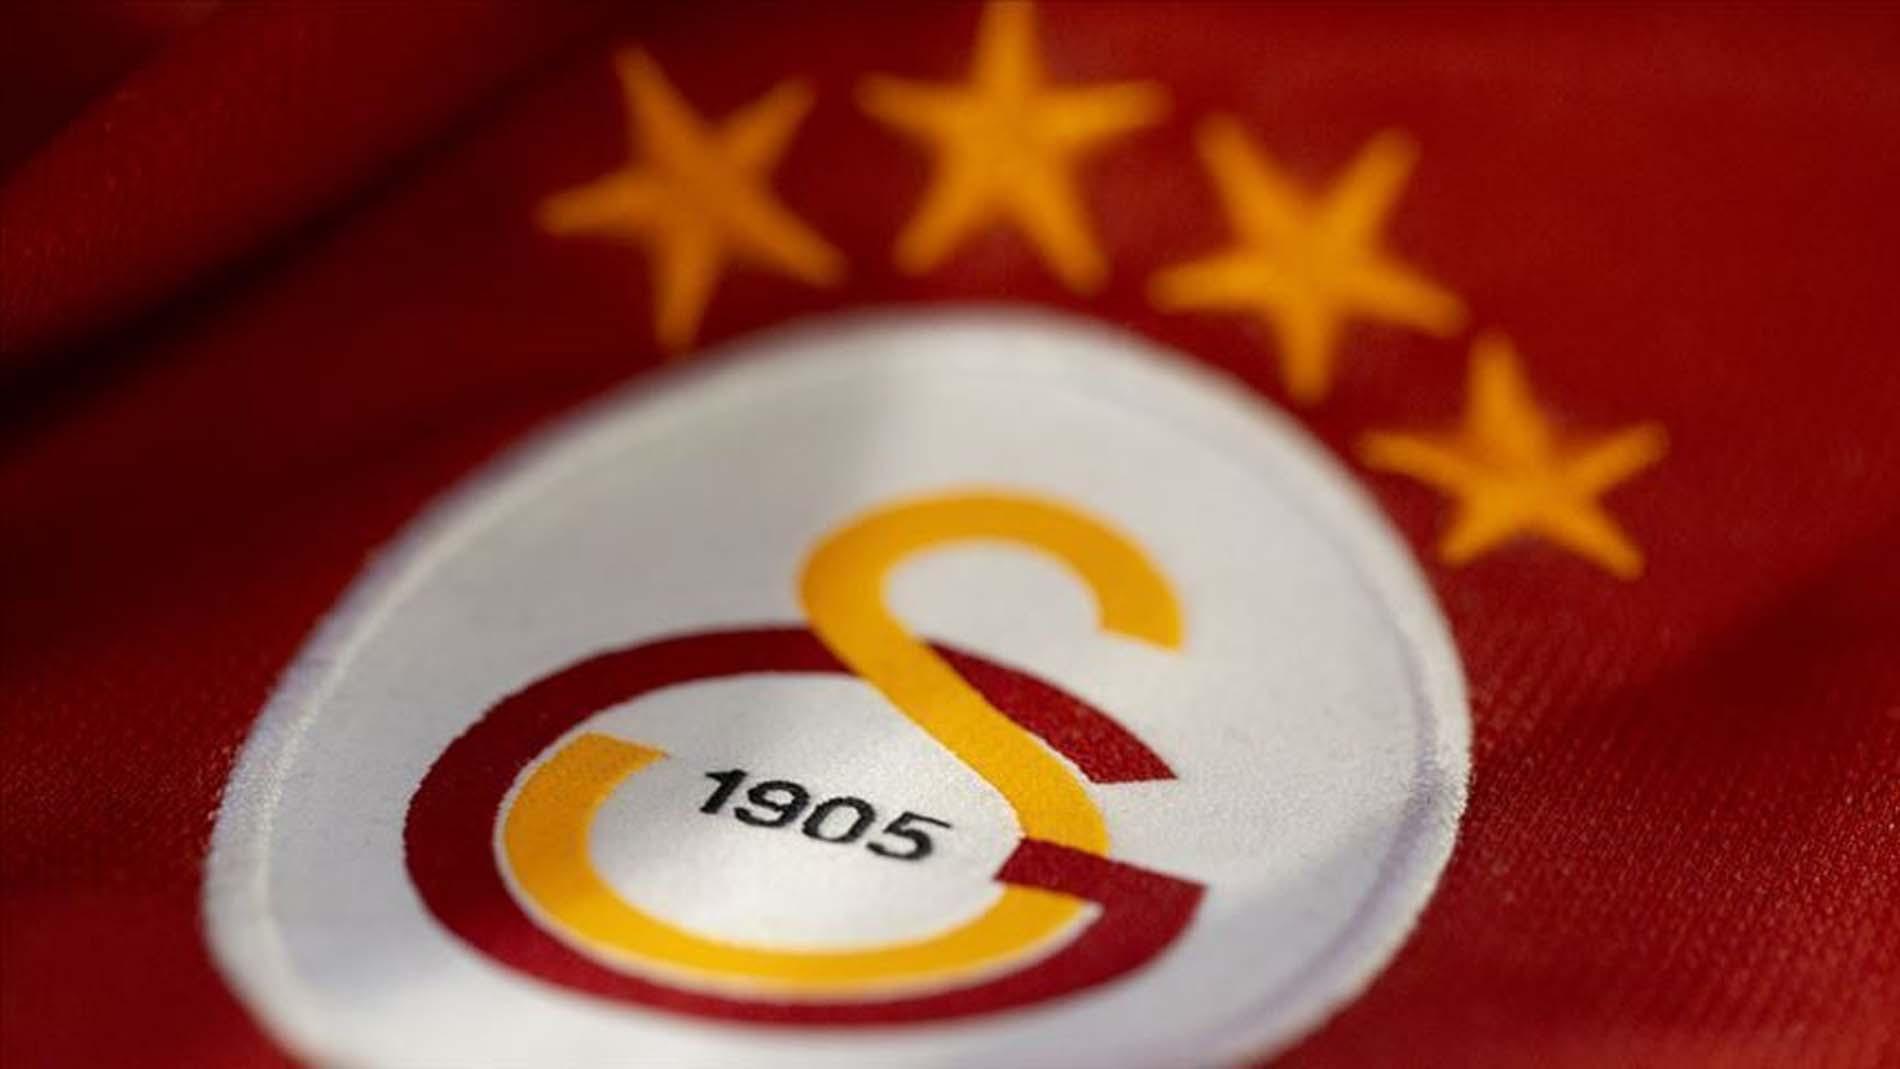 Hazırlık maçı: Galatasaray- Dinamo Bükreş maçı ne zaman, hangi gün, saat kaçta, hangi kanalda? Şifreli mi, şifresiz mi?